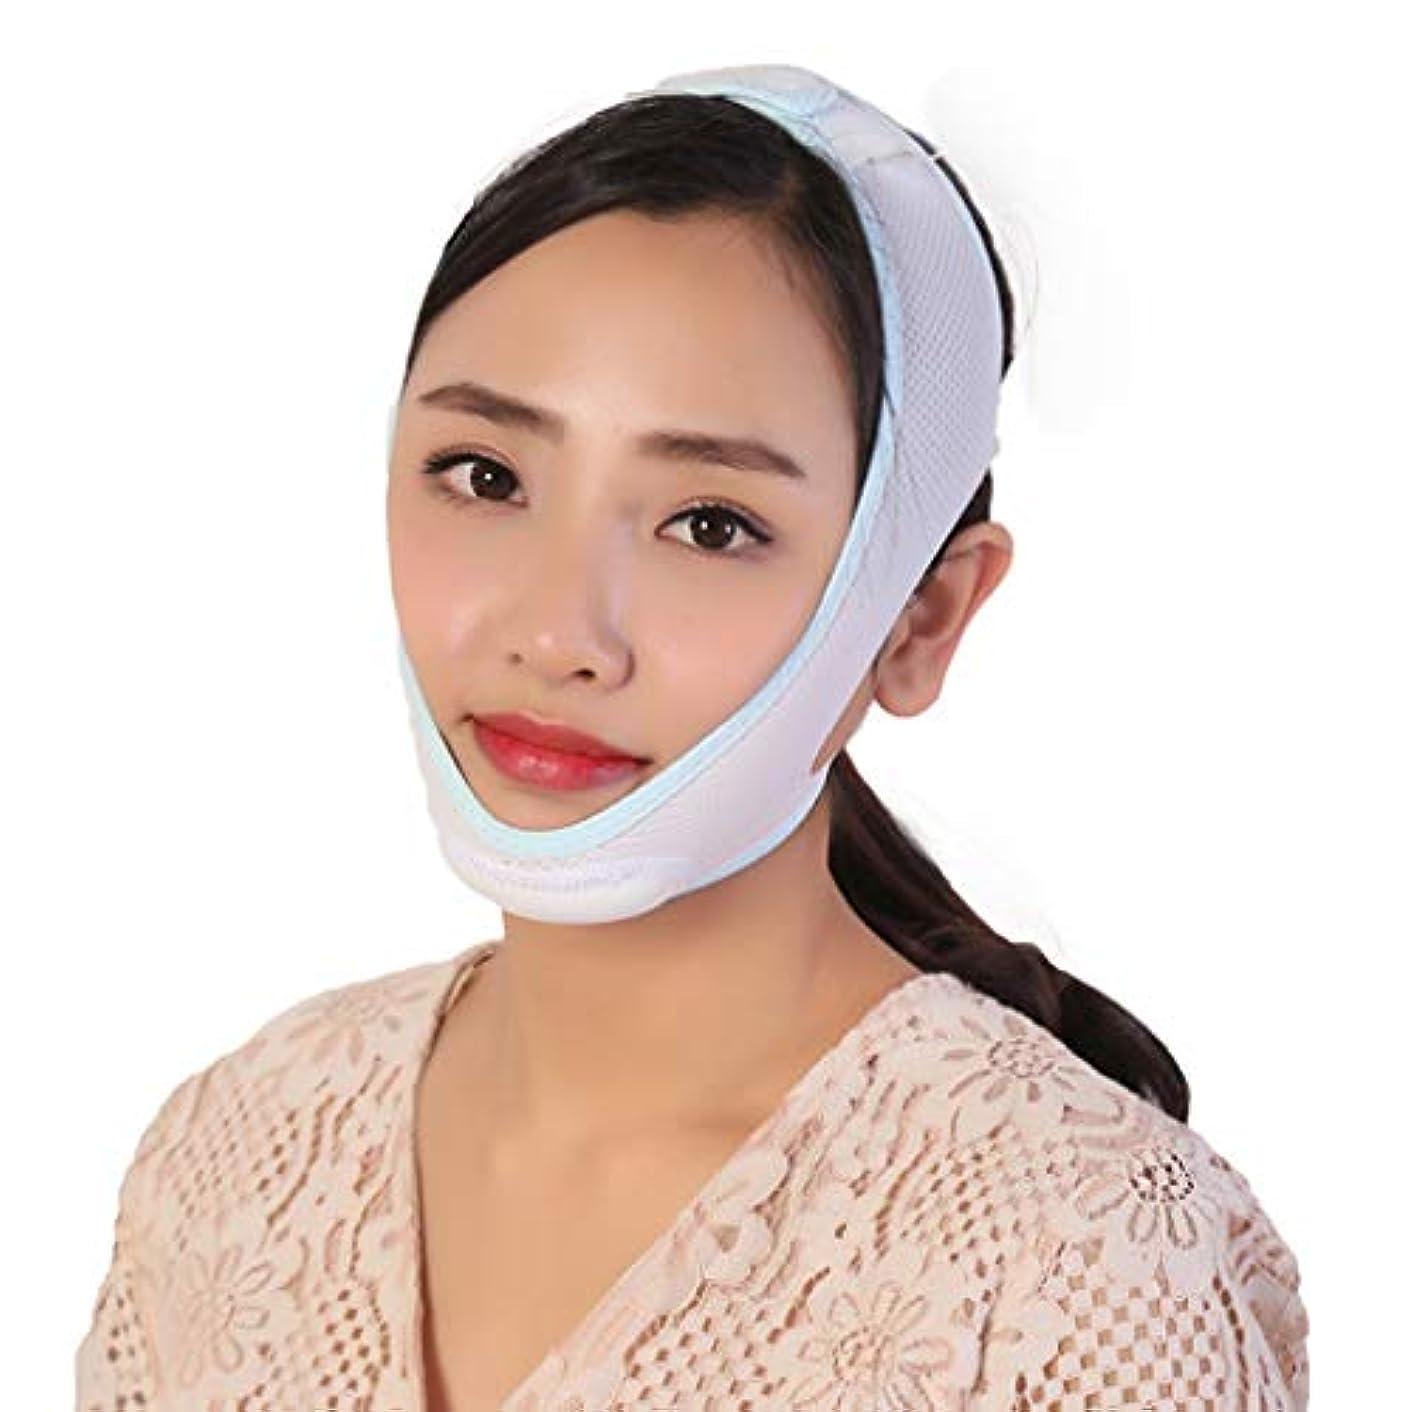 世紀ただやる進む顔の顔を持ち上げる顔のマスクを改善するために快適な顔面曲線包括的通気性包帯